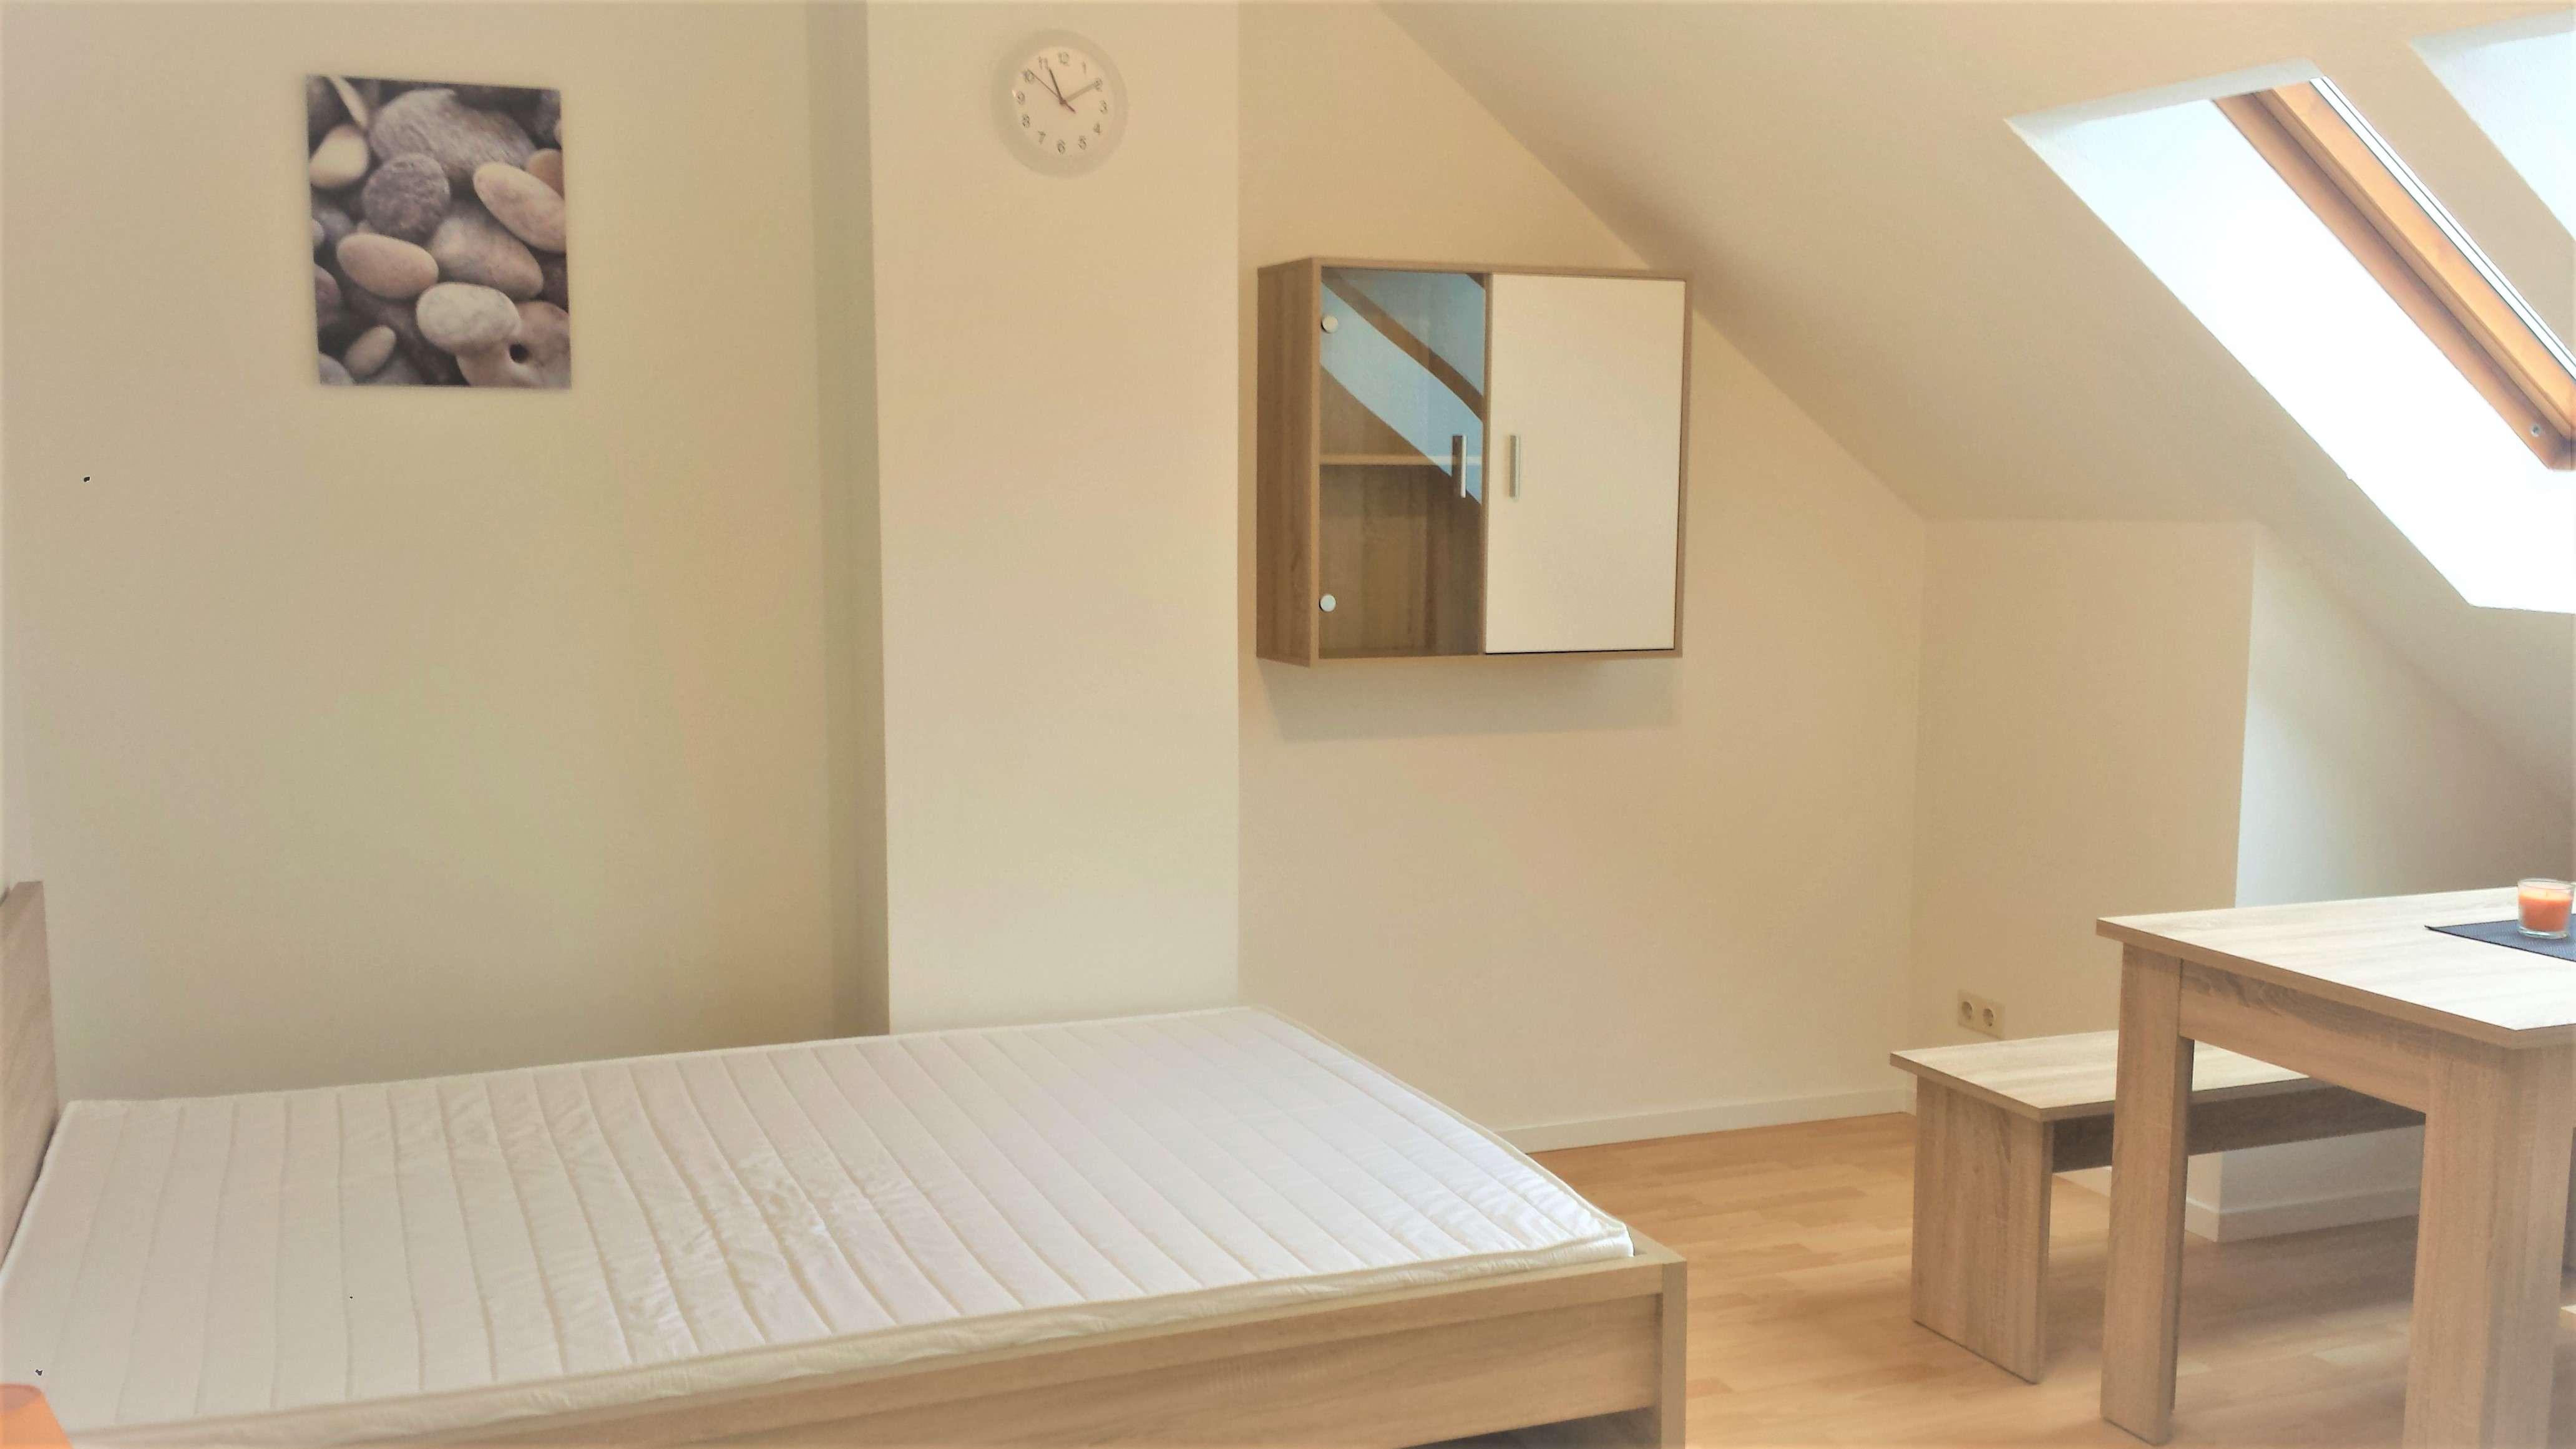 Einzimmerwohnung möbliert mit separater Küche und Bad (200 m zu Schaeffler) in Herzogenaurach